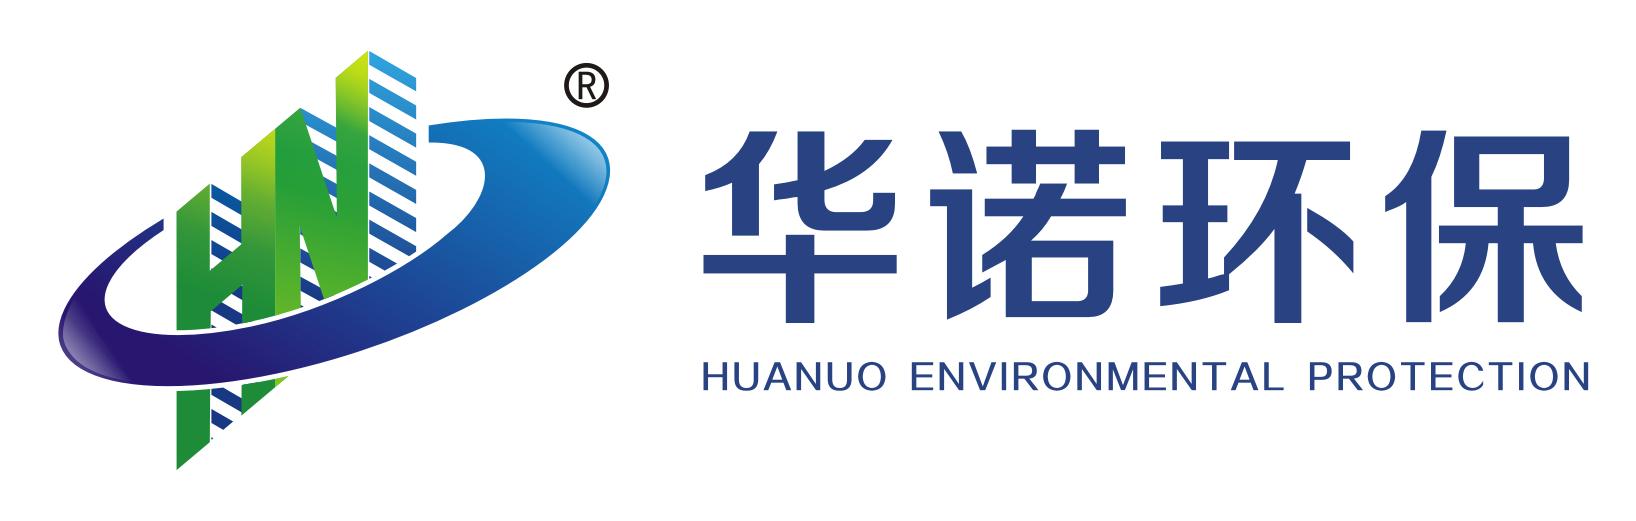 西安华诺环保股份有限公司